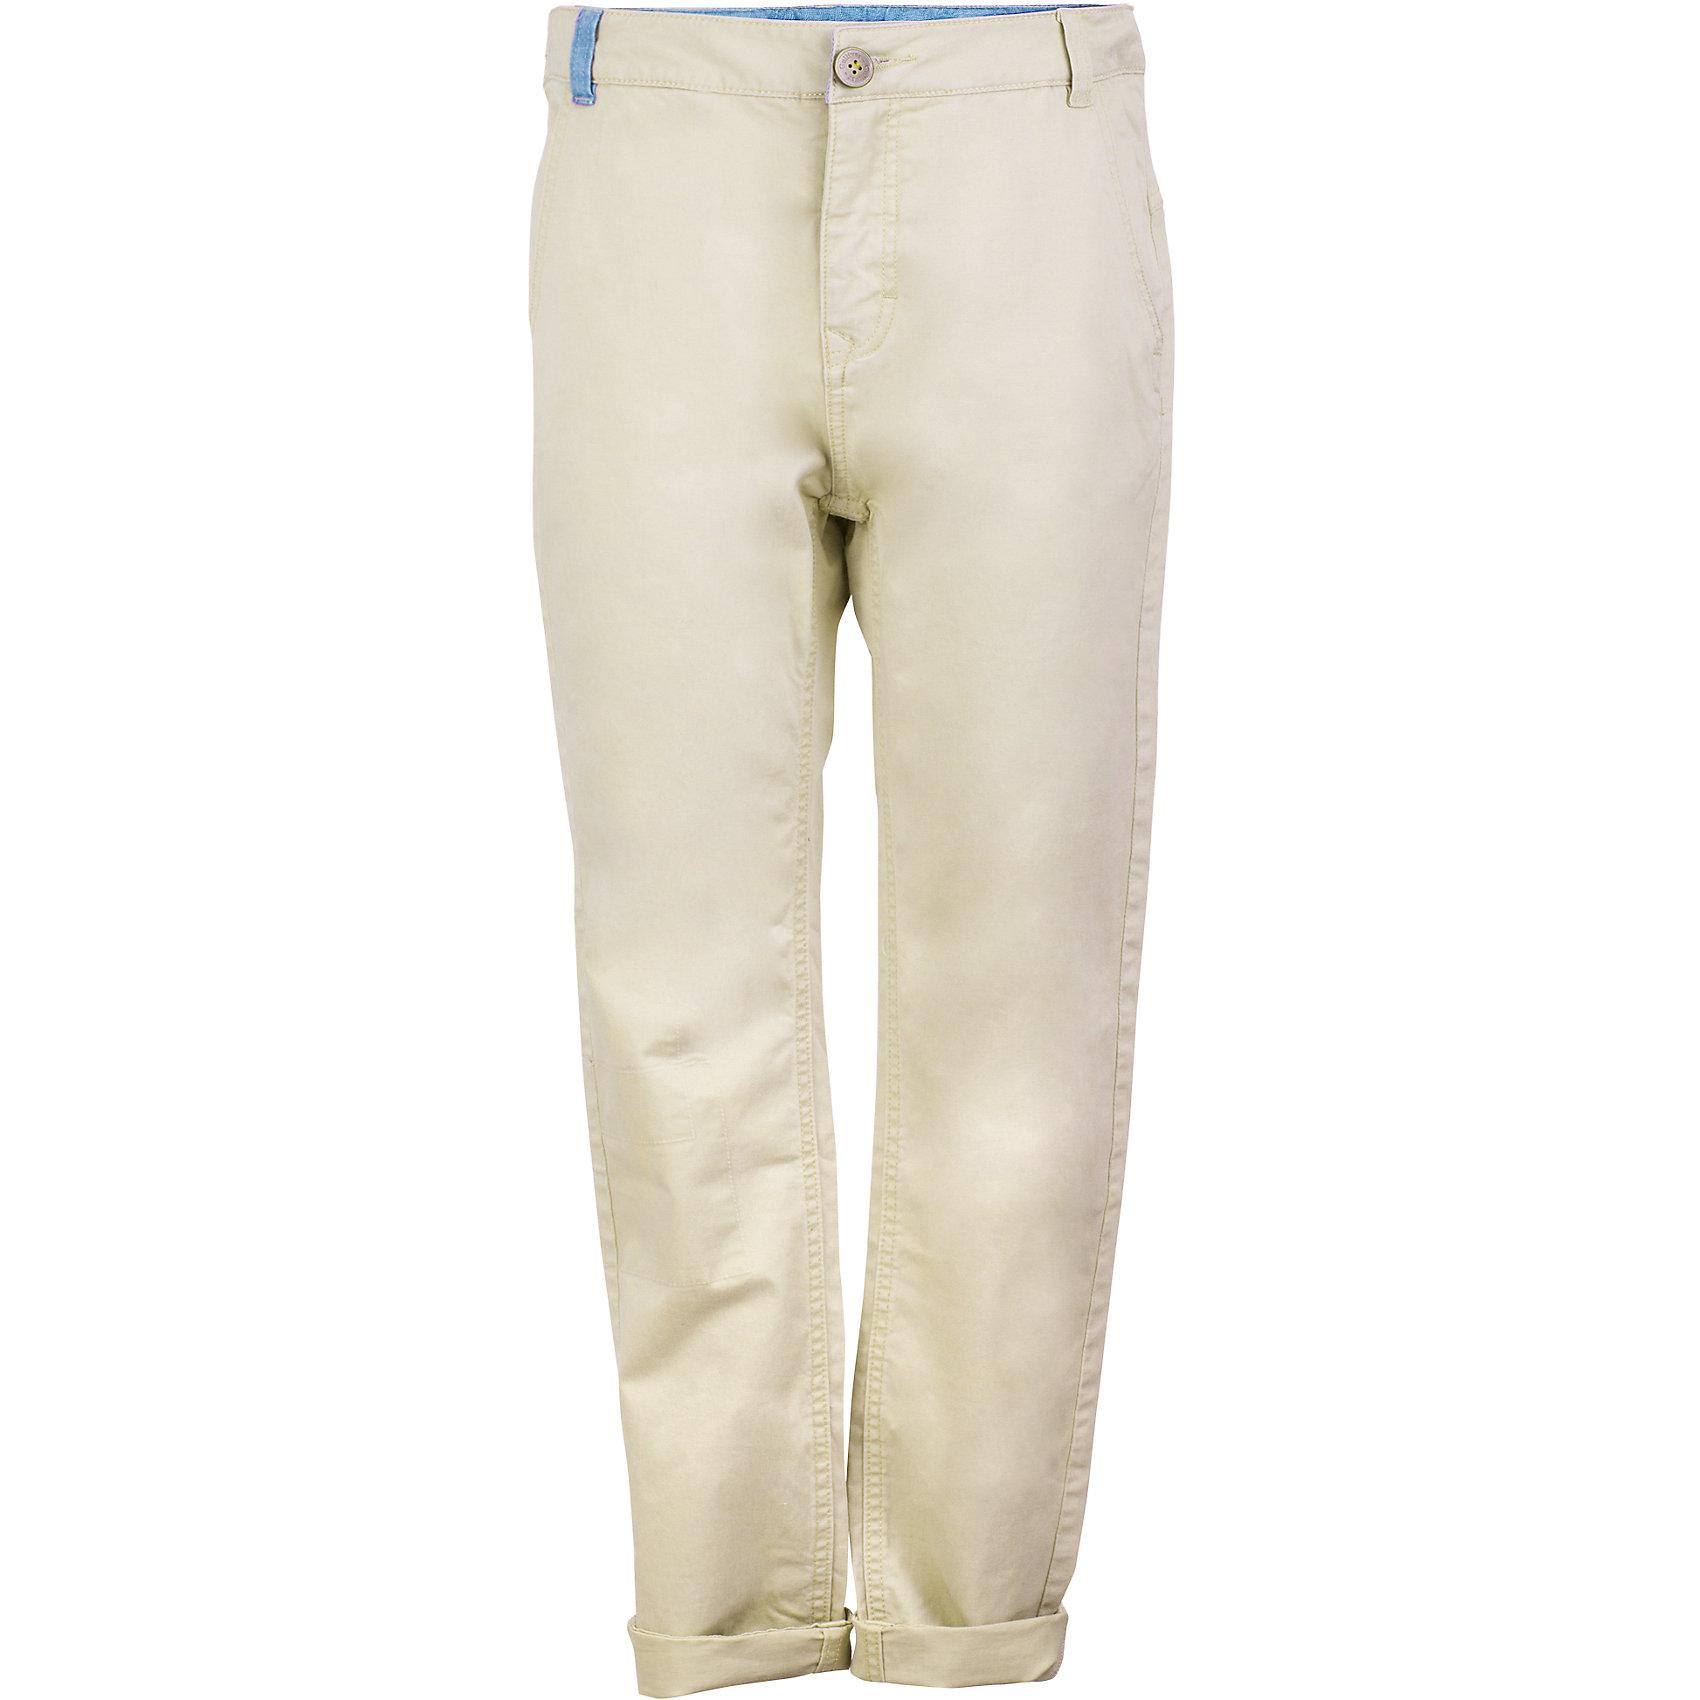 Брюки для мальчика GulliverБрюки<br>Шикарный вариант для весны и лета - модные бежевые брюки для мальчика! Благородный цвет, современный крой, правильная посадка изделия на фигуре делают брюки ярким элементом образа. С любой футболкой, рубашкой, пиджаком, они составят отличный комплект - модный и элегантный. Если вы хотите купить подростку светлые брюки, обратите внимание на эту модель. Они сделают летний гардероб ребенка свежим и стильным.<br>Состав:<br>98% хлопок      2% эластан<br><br>Ширина мм: 215<br>Глубина мм: 88<br>Высота мм: 191<br>Вес г: 336<br>Цвет: бежевый<br>Возраст от месяцев: 156<br>Возраст до месяцев: 168<br>Пол: Мужской<br>Возраст: Детский<br>Размер: 164,146,152,158<br>SKU: 5483234